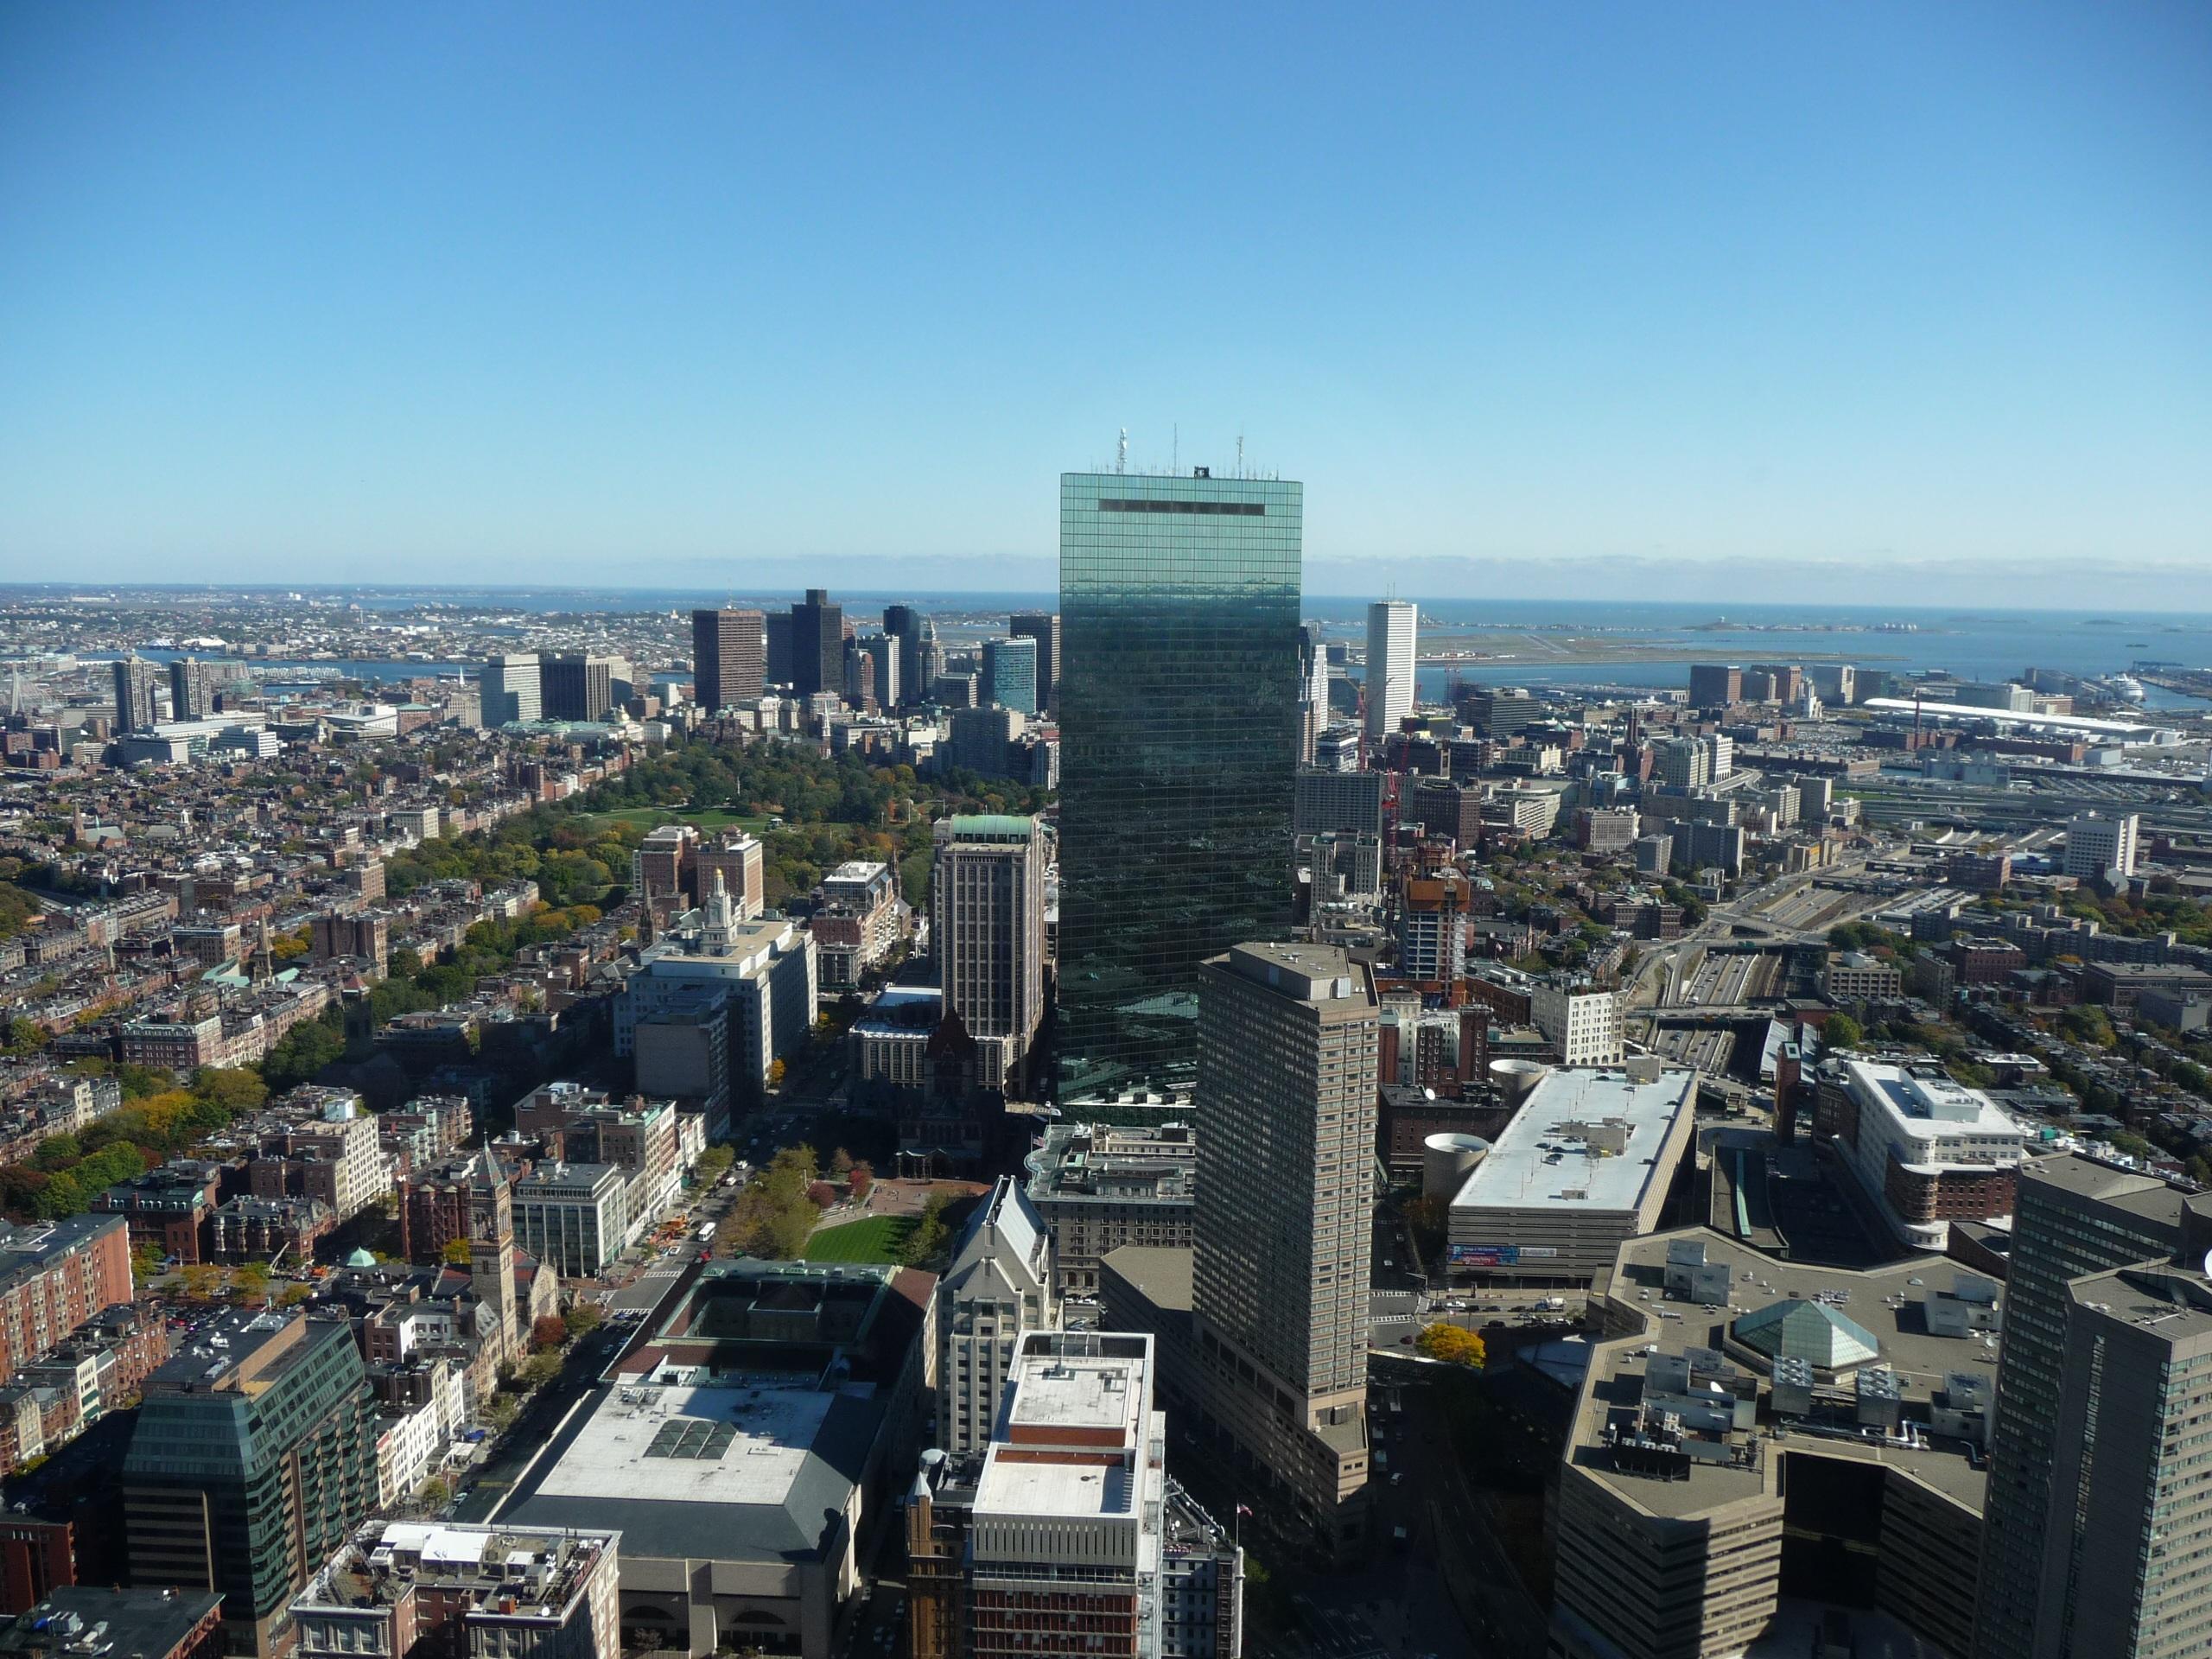 крымская степь бостон фотографии города делает его